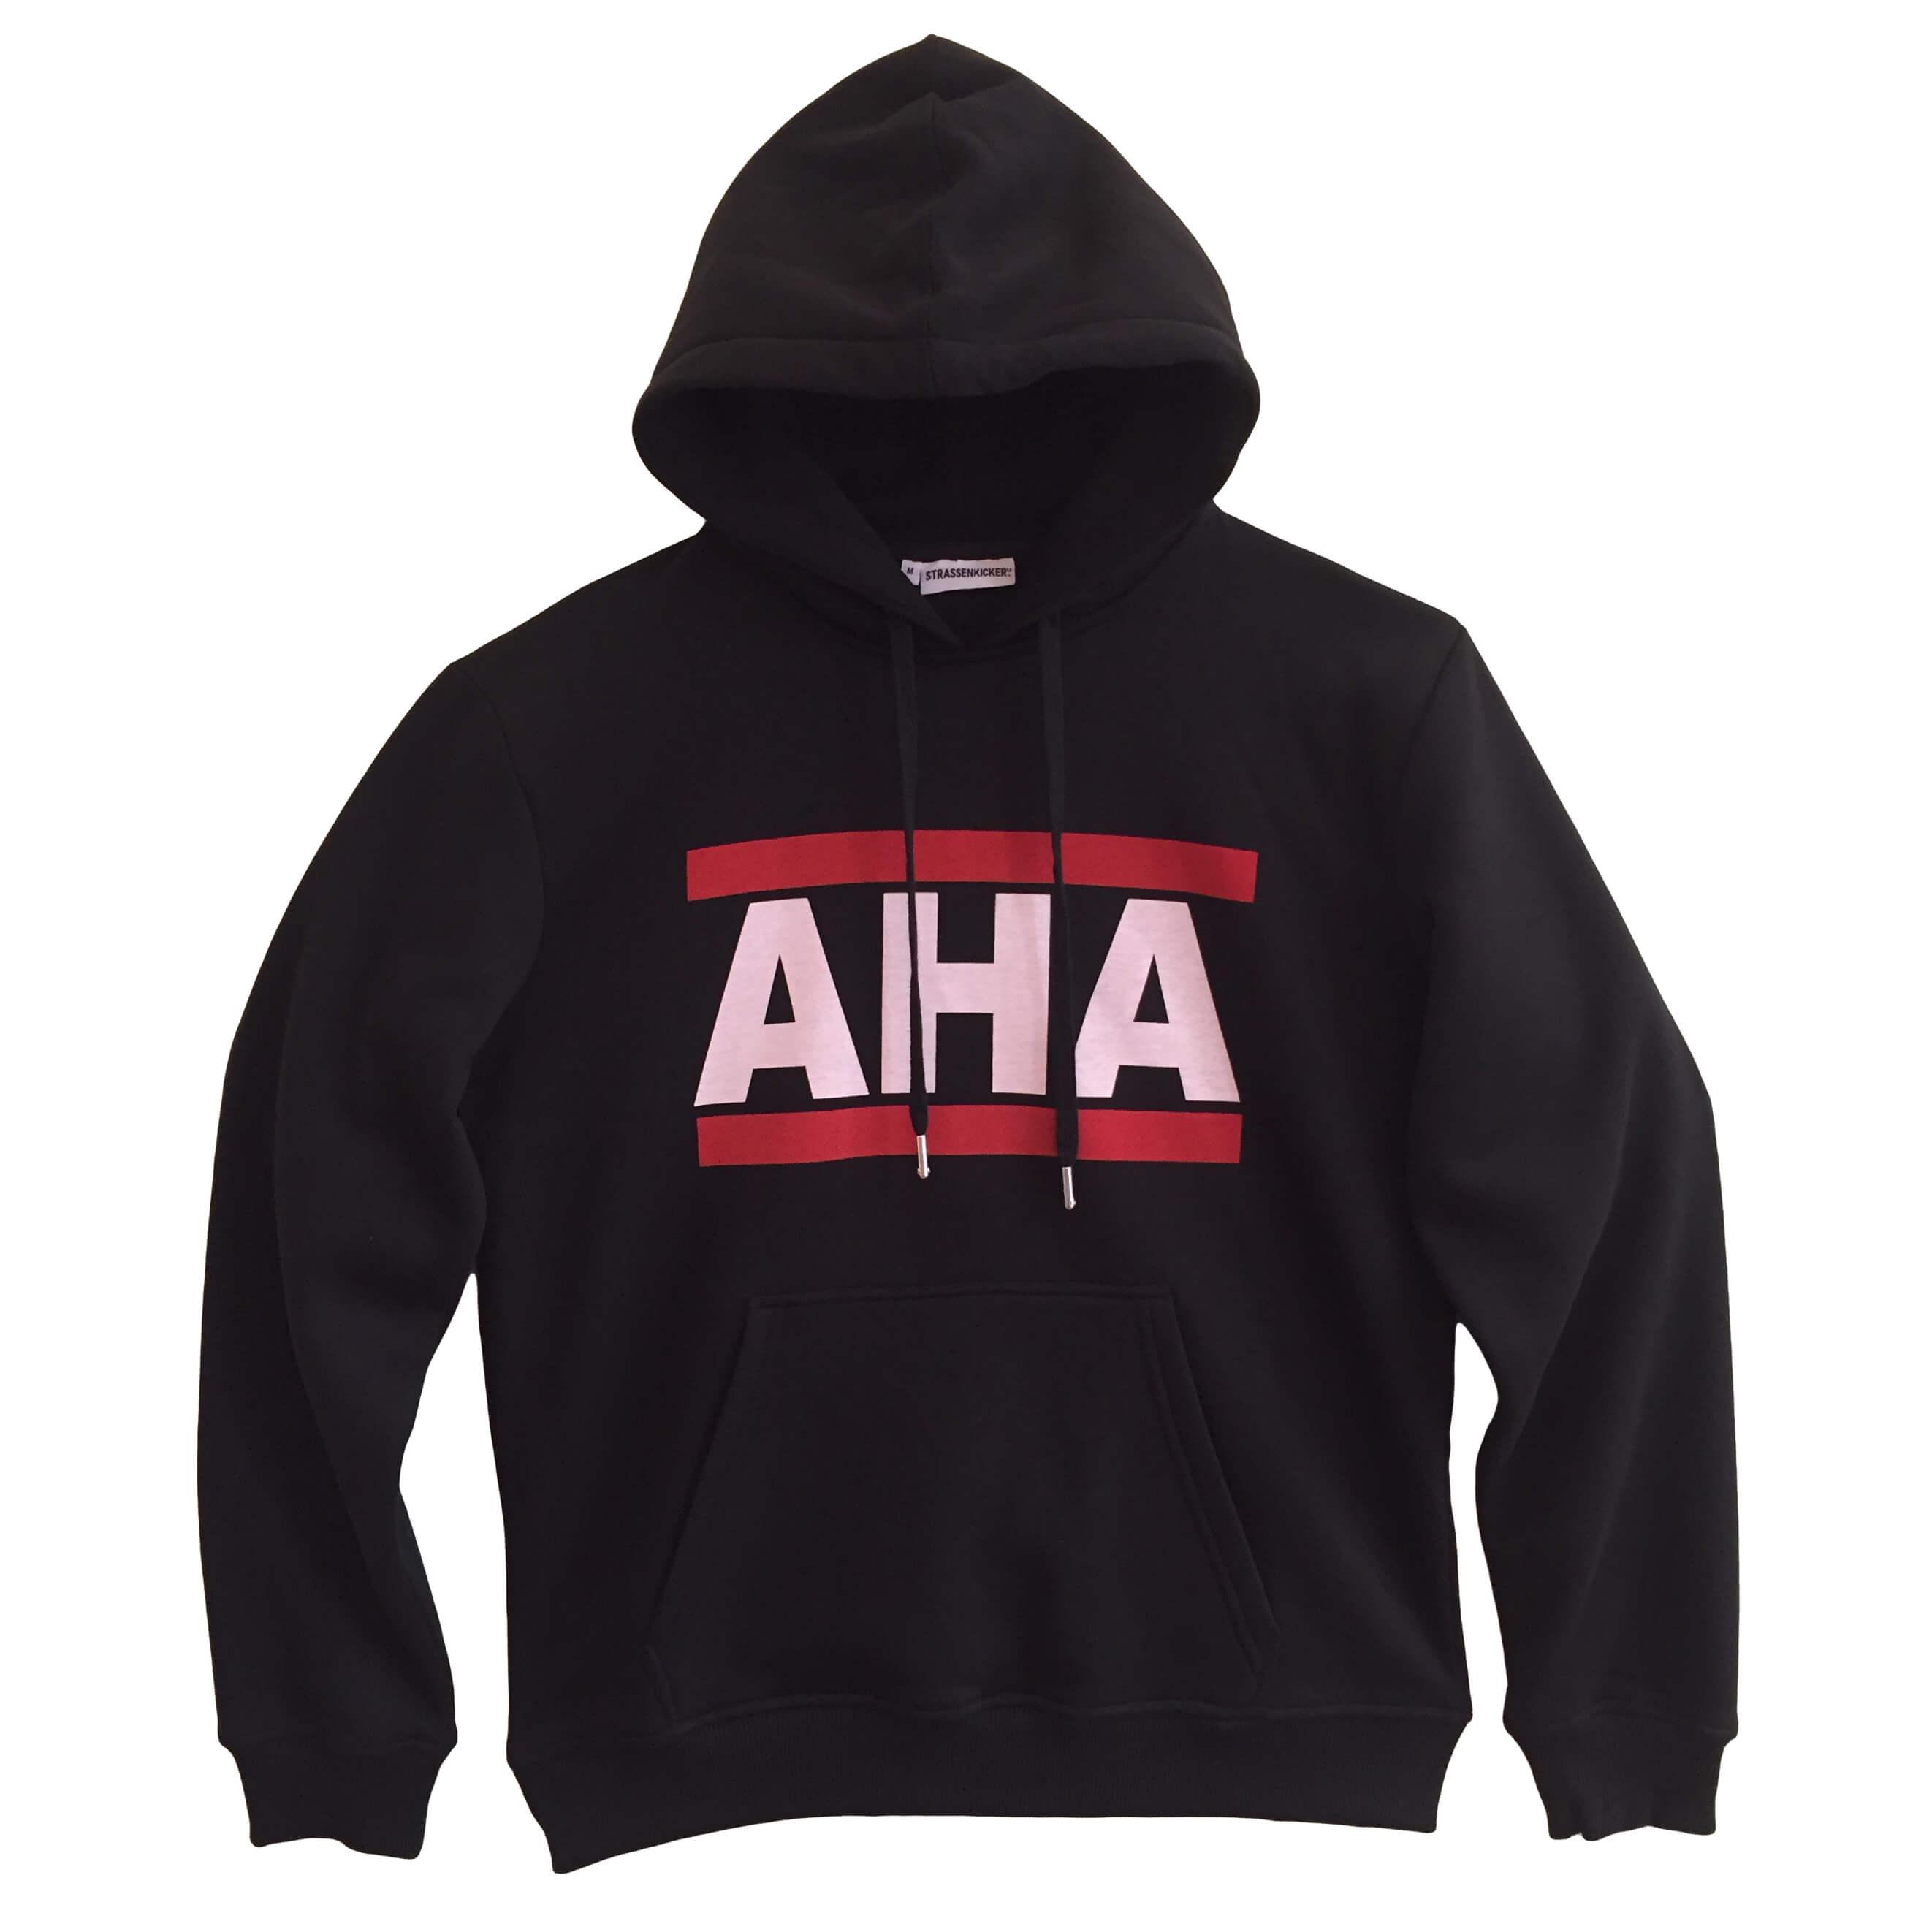 AHA_Hoodie_front